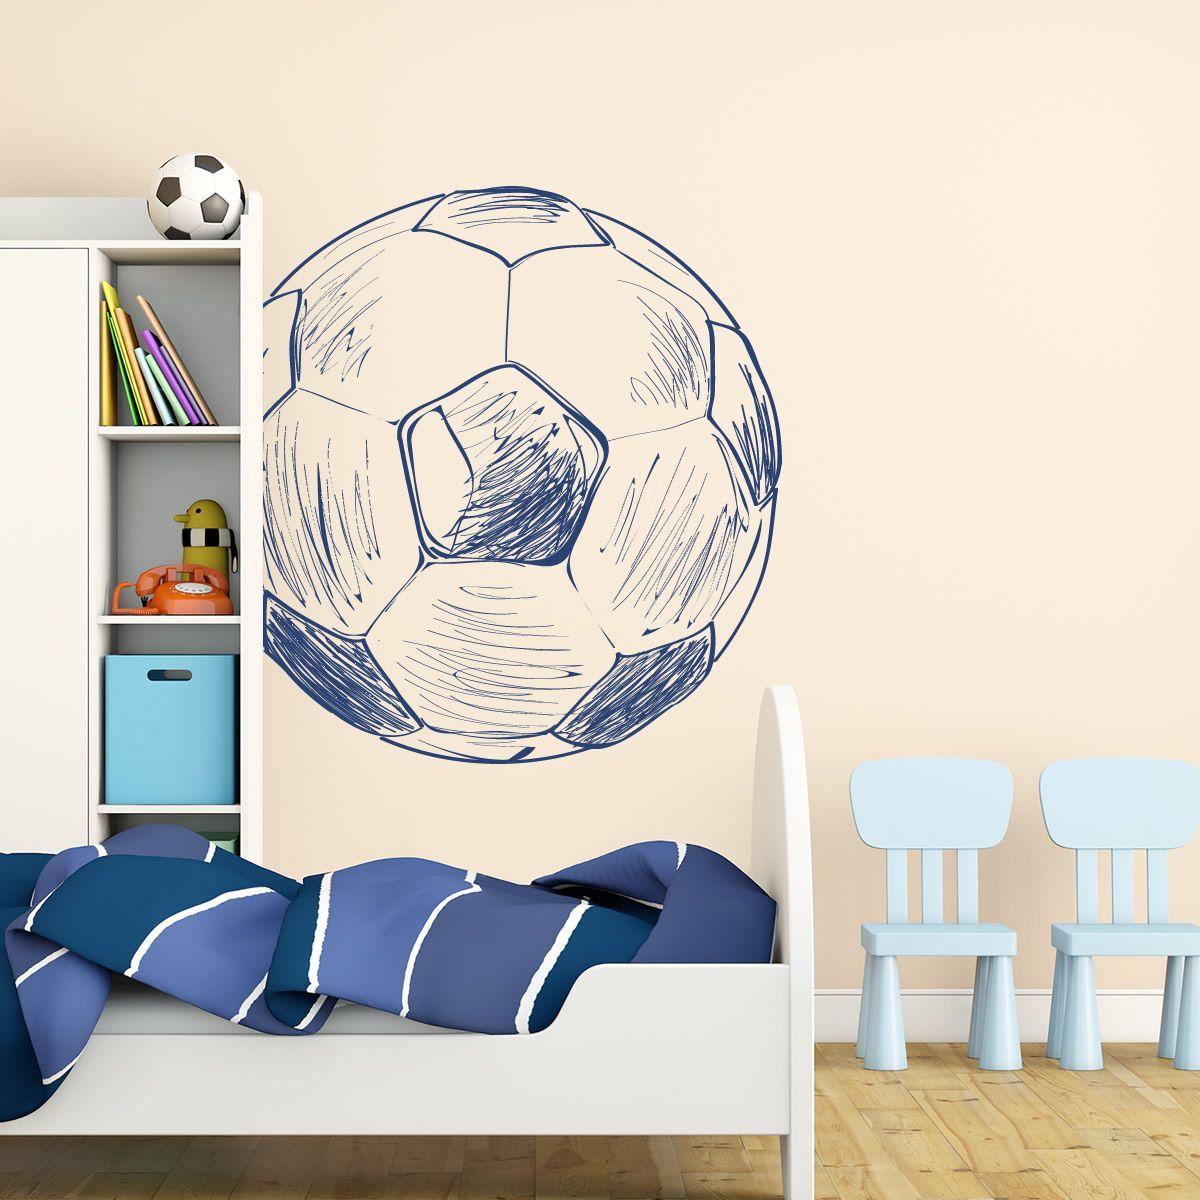 Vinilo f tbol pelota estilovinilos vinilos decorativos for Vinilos decorativos dormitorio